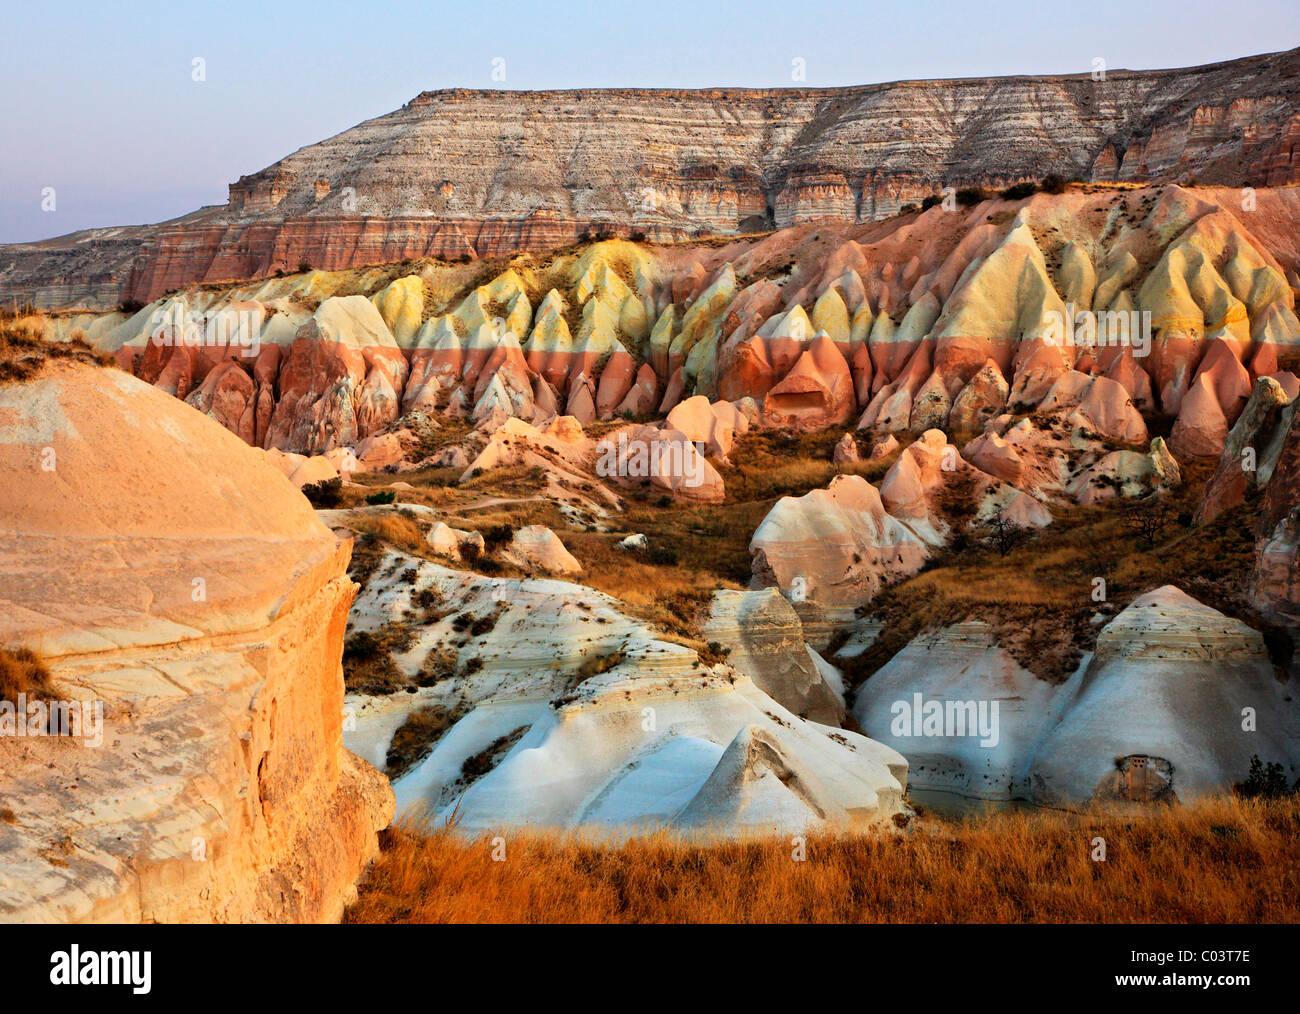 Große Auswahl an Formen, Formen und Farben in der Landschaft von Kappadokien, Nevsehir, Türkei. Aufgenommen Stockbild